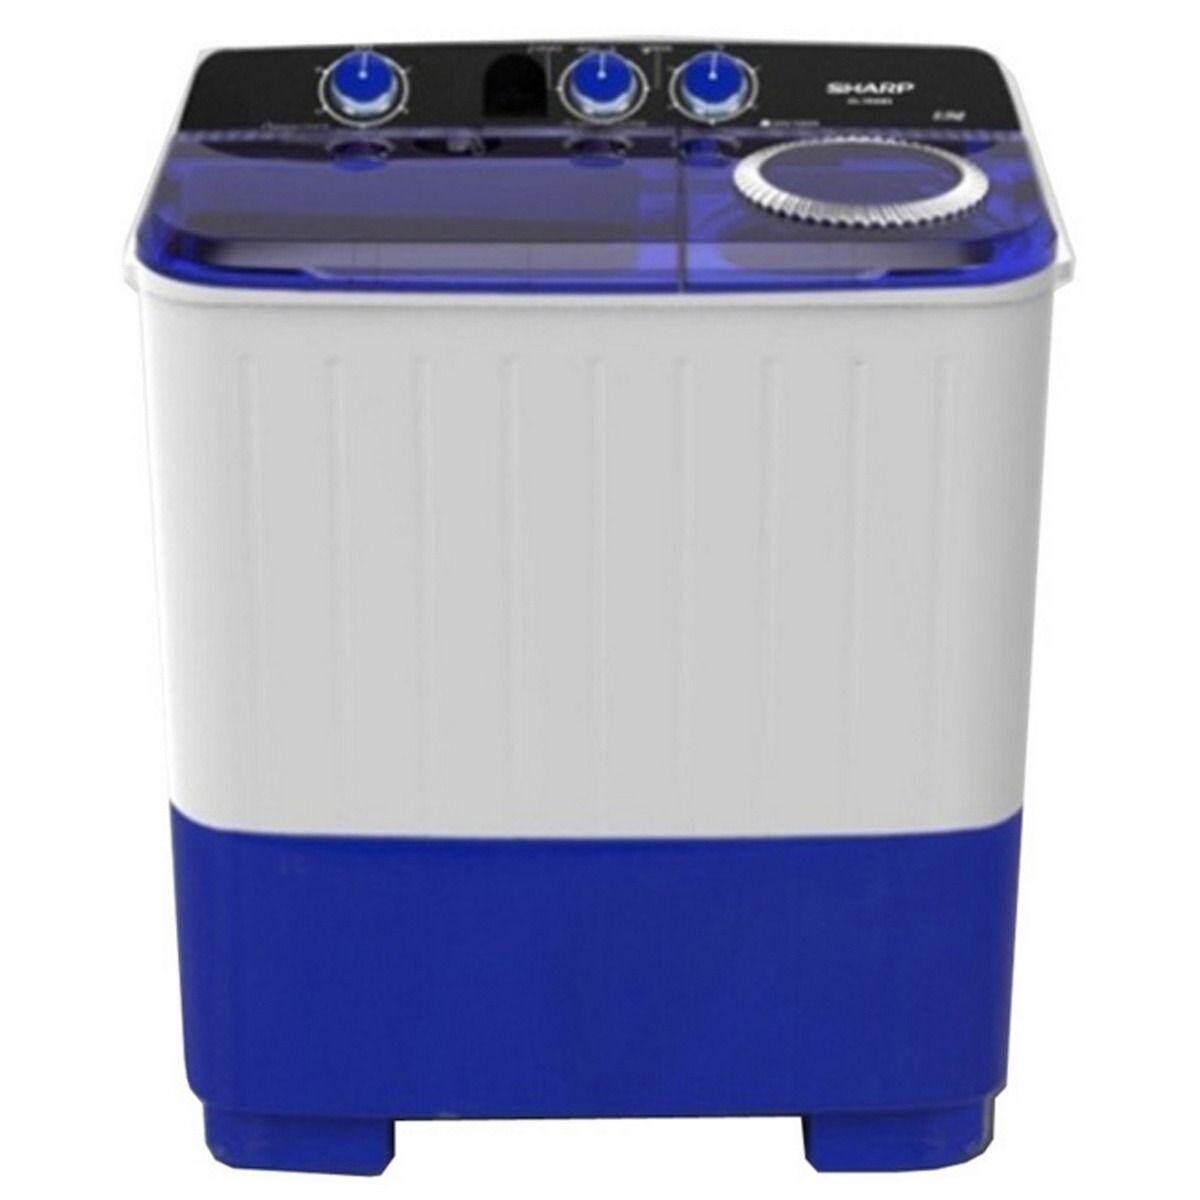 ลดราคา ถูกที่สุด เครื่องซักผ้า Sharp ลดโปรโมชั่น -22% SHARP เครื่องซักผ้าถังคู่ฝาบน (8/5.6 กก.) รุ่น ES-TW80BL เก็บเงินปลายทาง ส่งฟรี